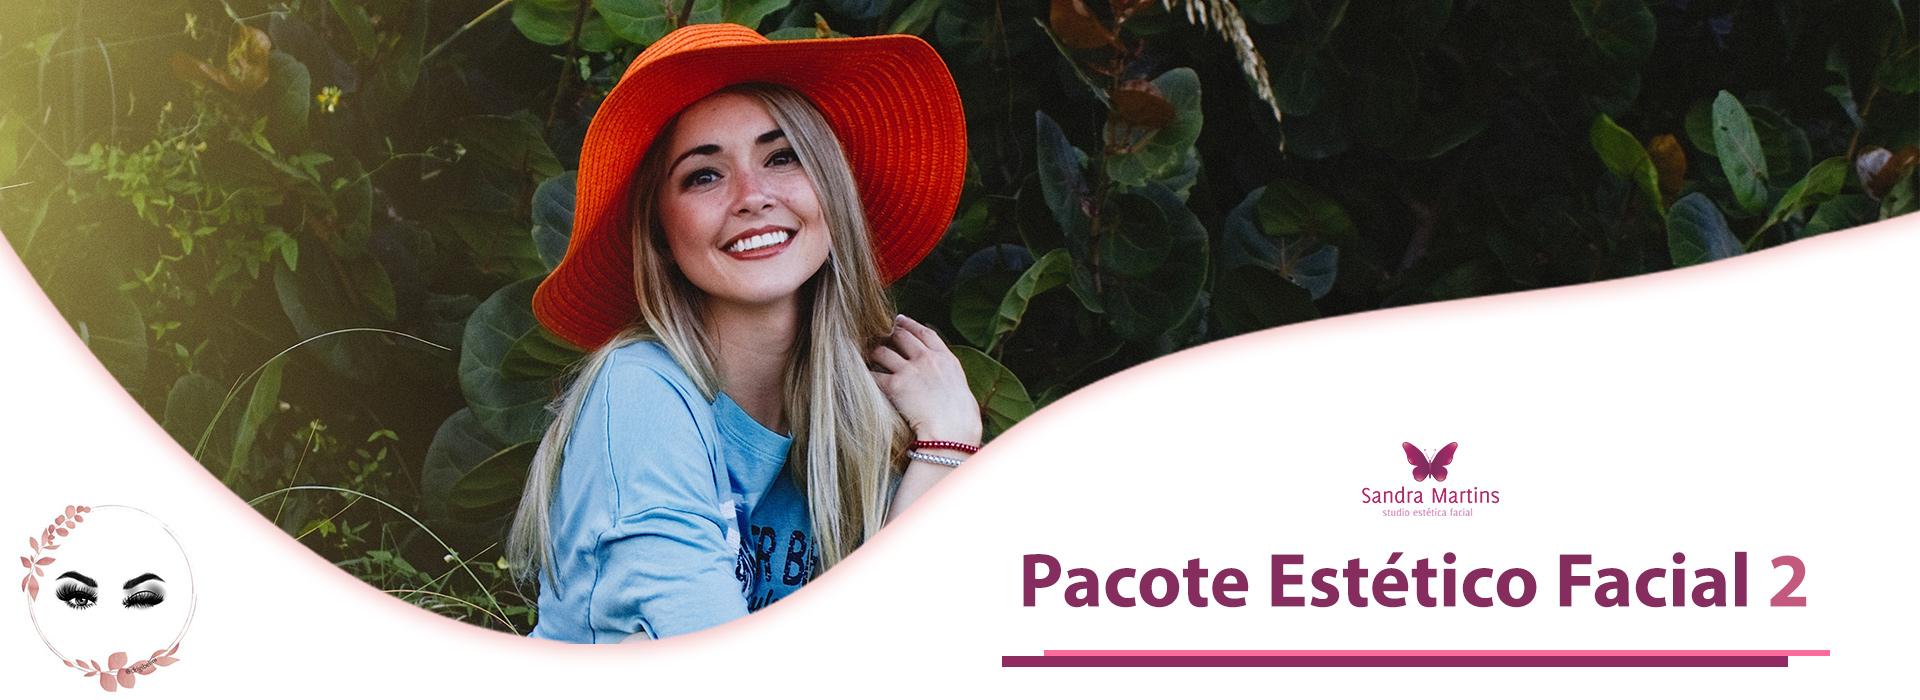 Confira abaixo a lista das promoções do mês de estética facial em Brasília do Studio Sandra Martins, sendo que o nosso lema é o de devolver a sua autoestima e lhe ajudar a ter uma vida alegre, feliz e saudável.